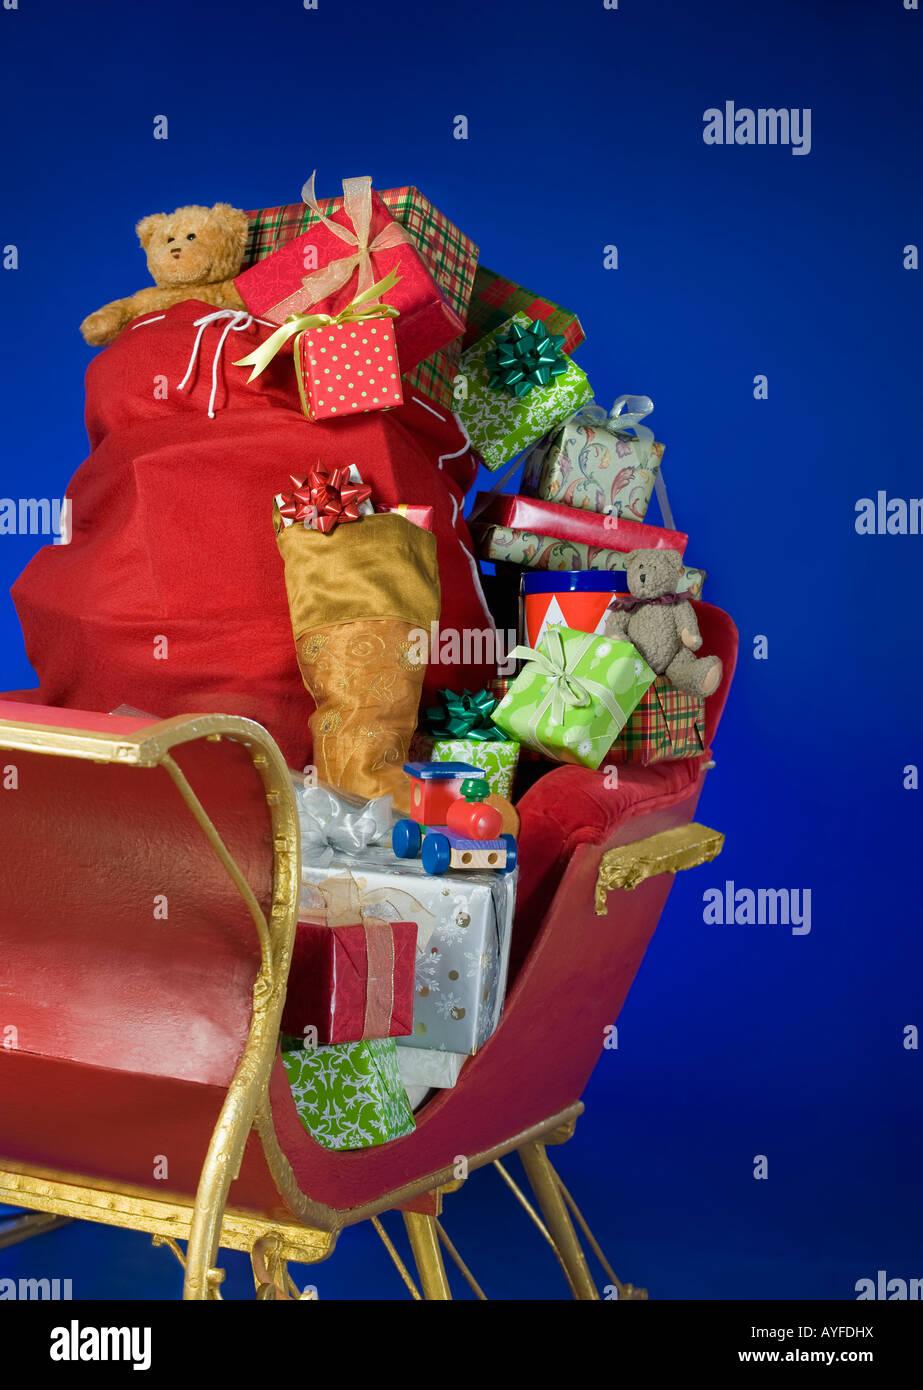 Sleigh with bag of Christmas toys Stock Photo